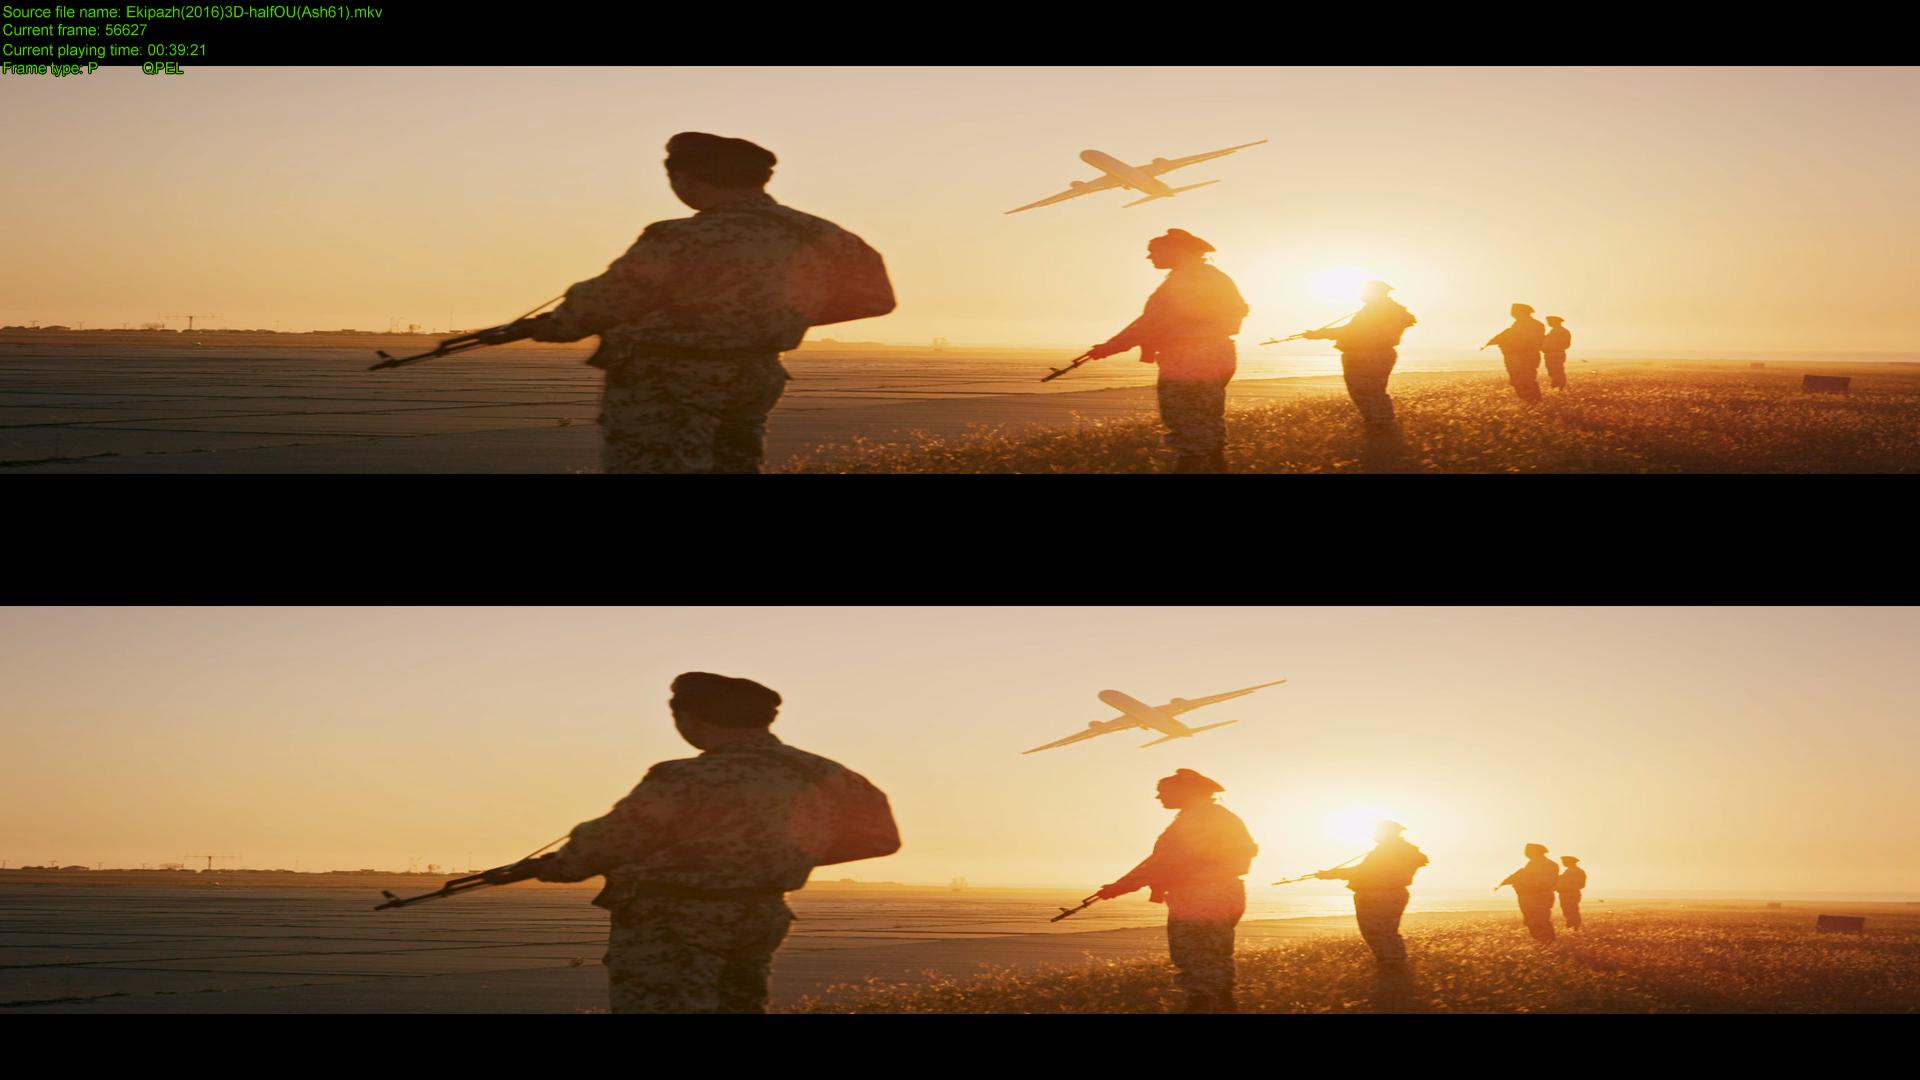 Скачать через торрент фильм экипаж 2016 в 3d.